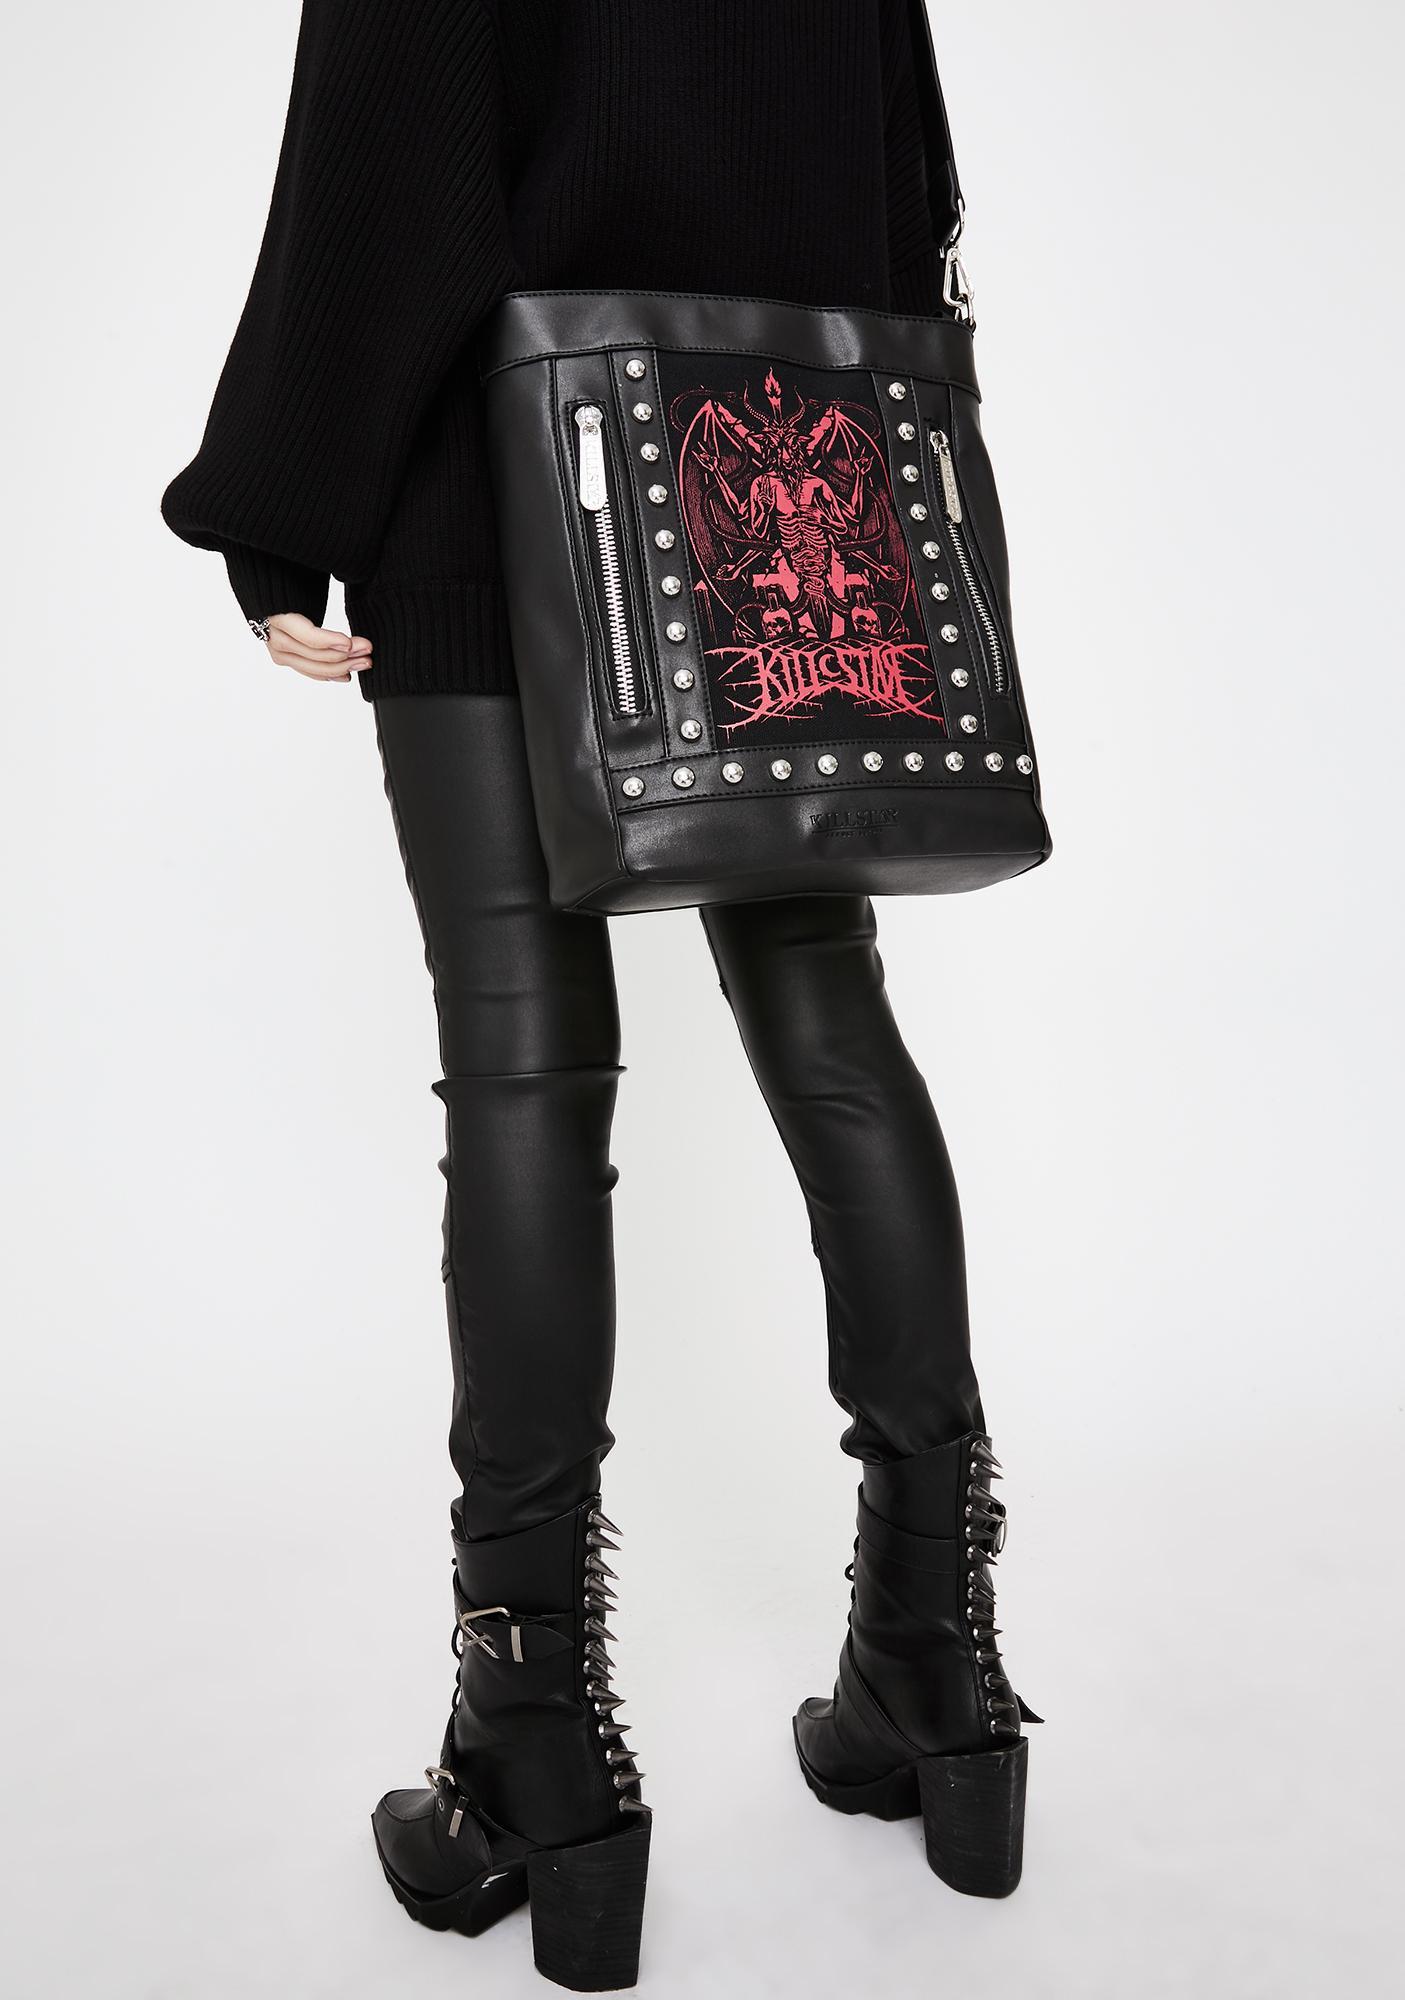 Killstar Rawk Me Handbag